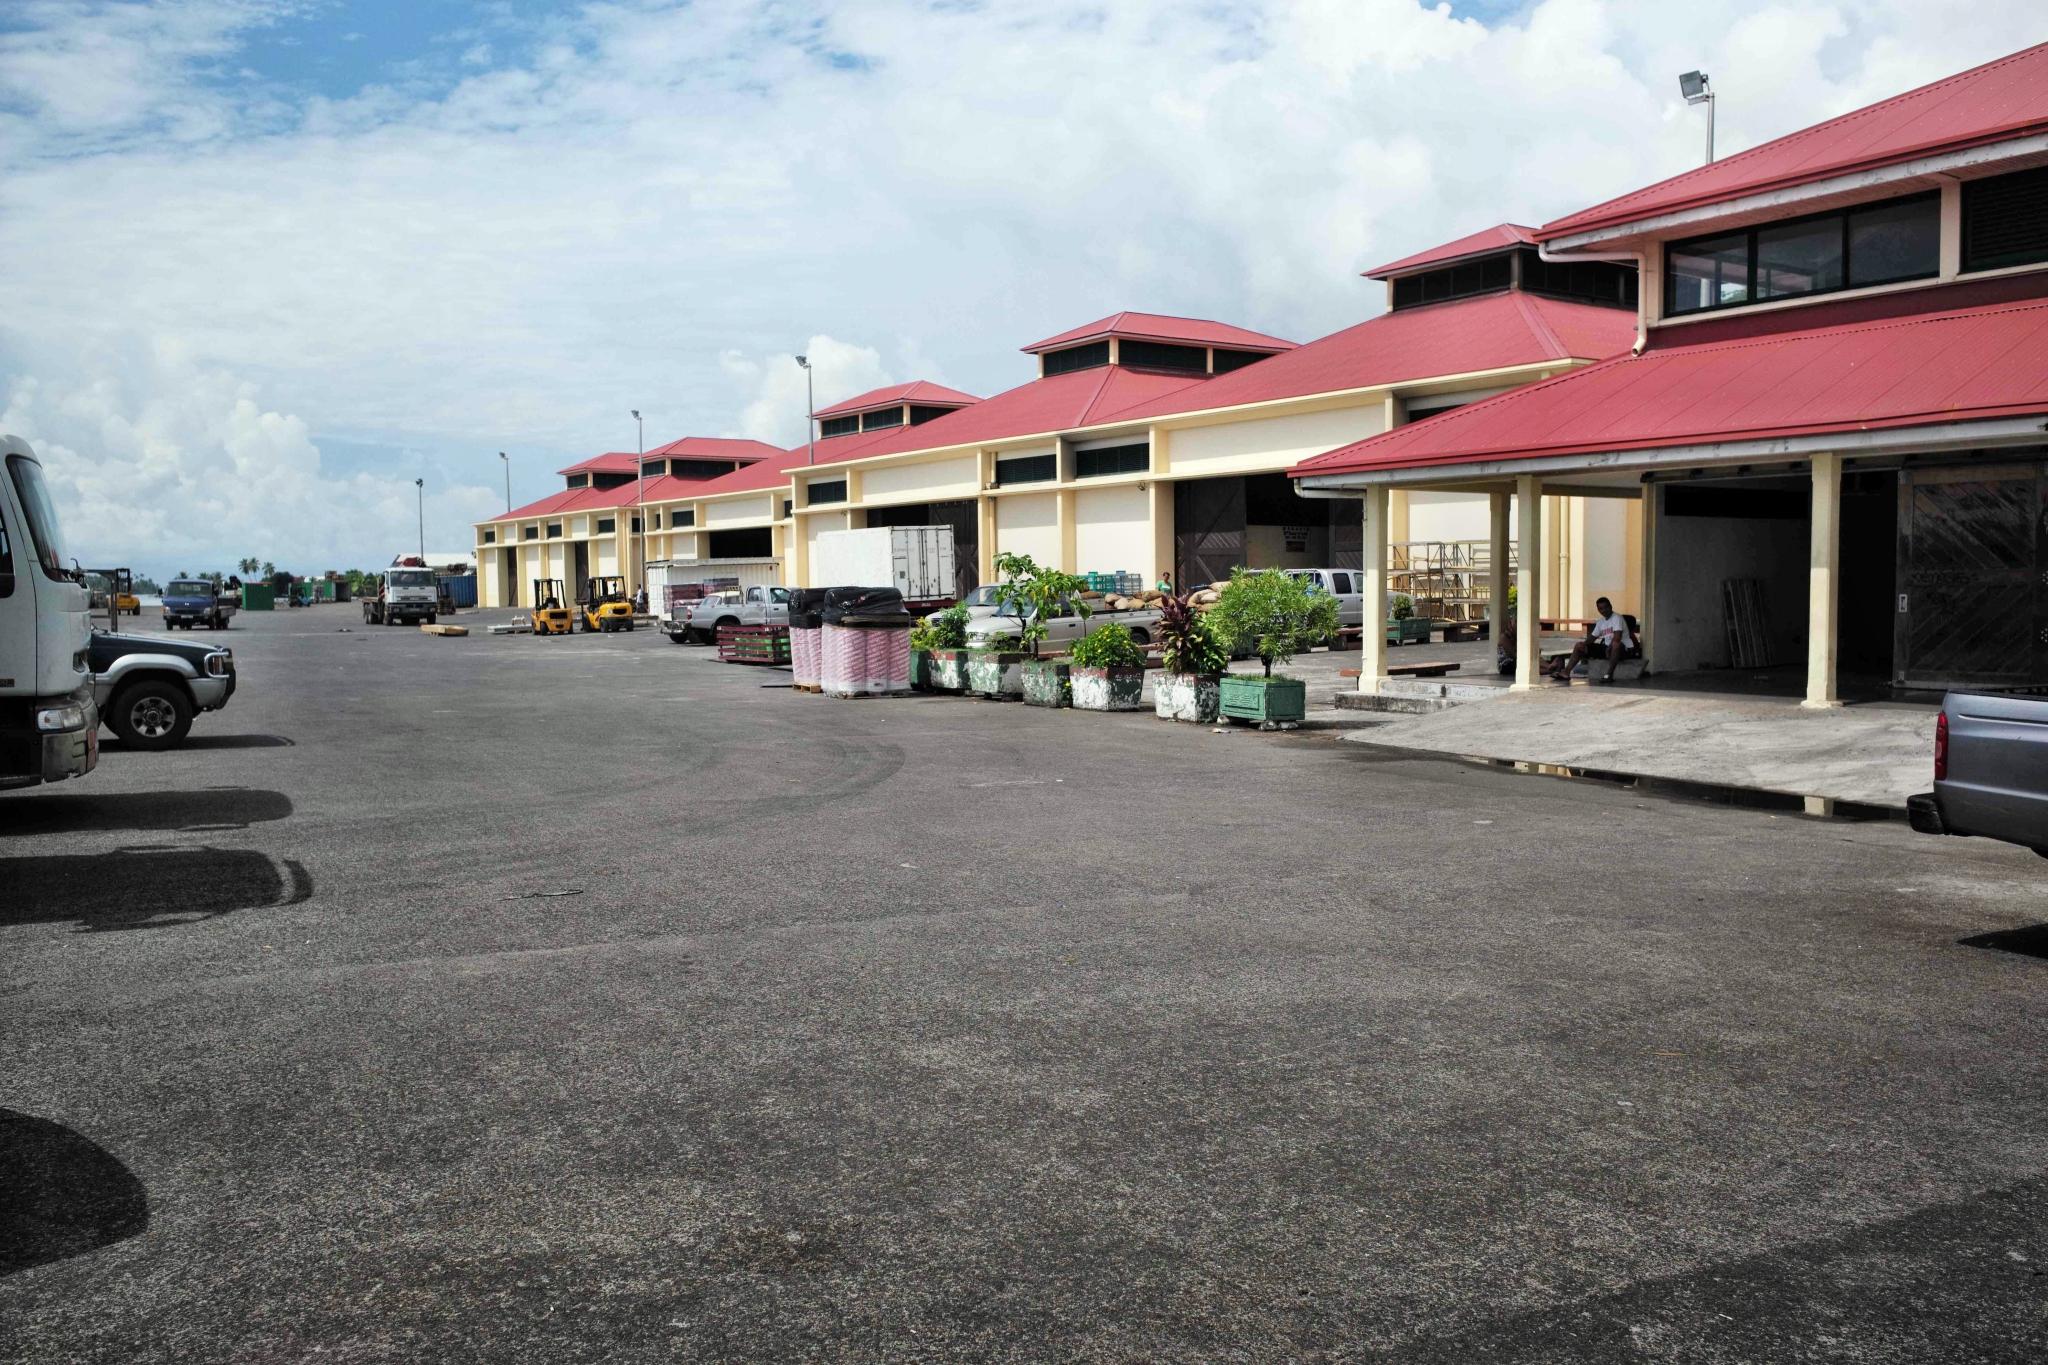 Gare maritime uturoa